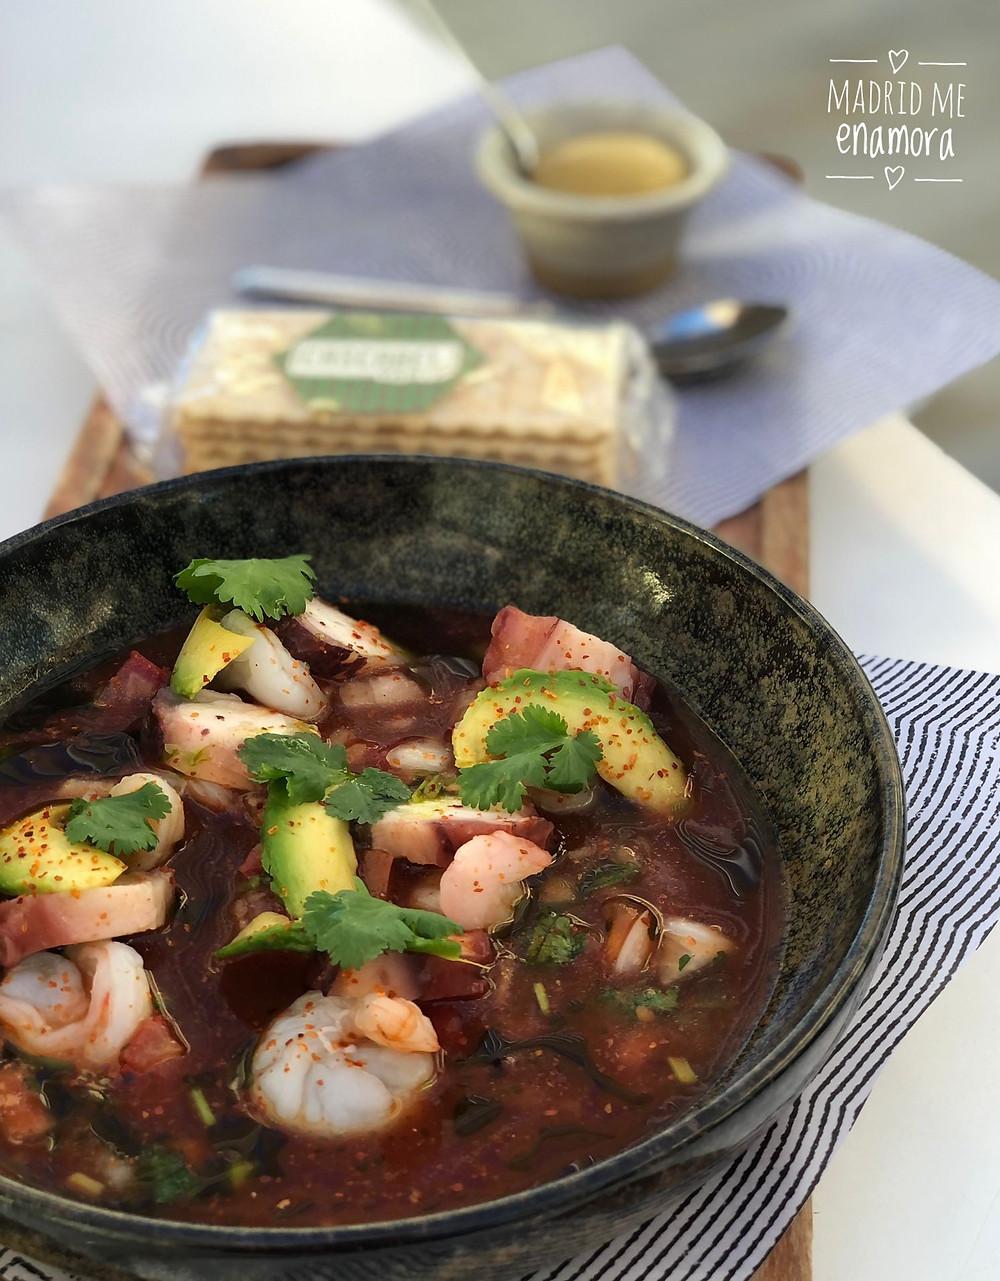 Cóctel Acapulco, con camarones y pulpo marinados en deliciosa sangrita casera de tomate.